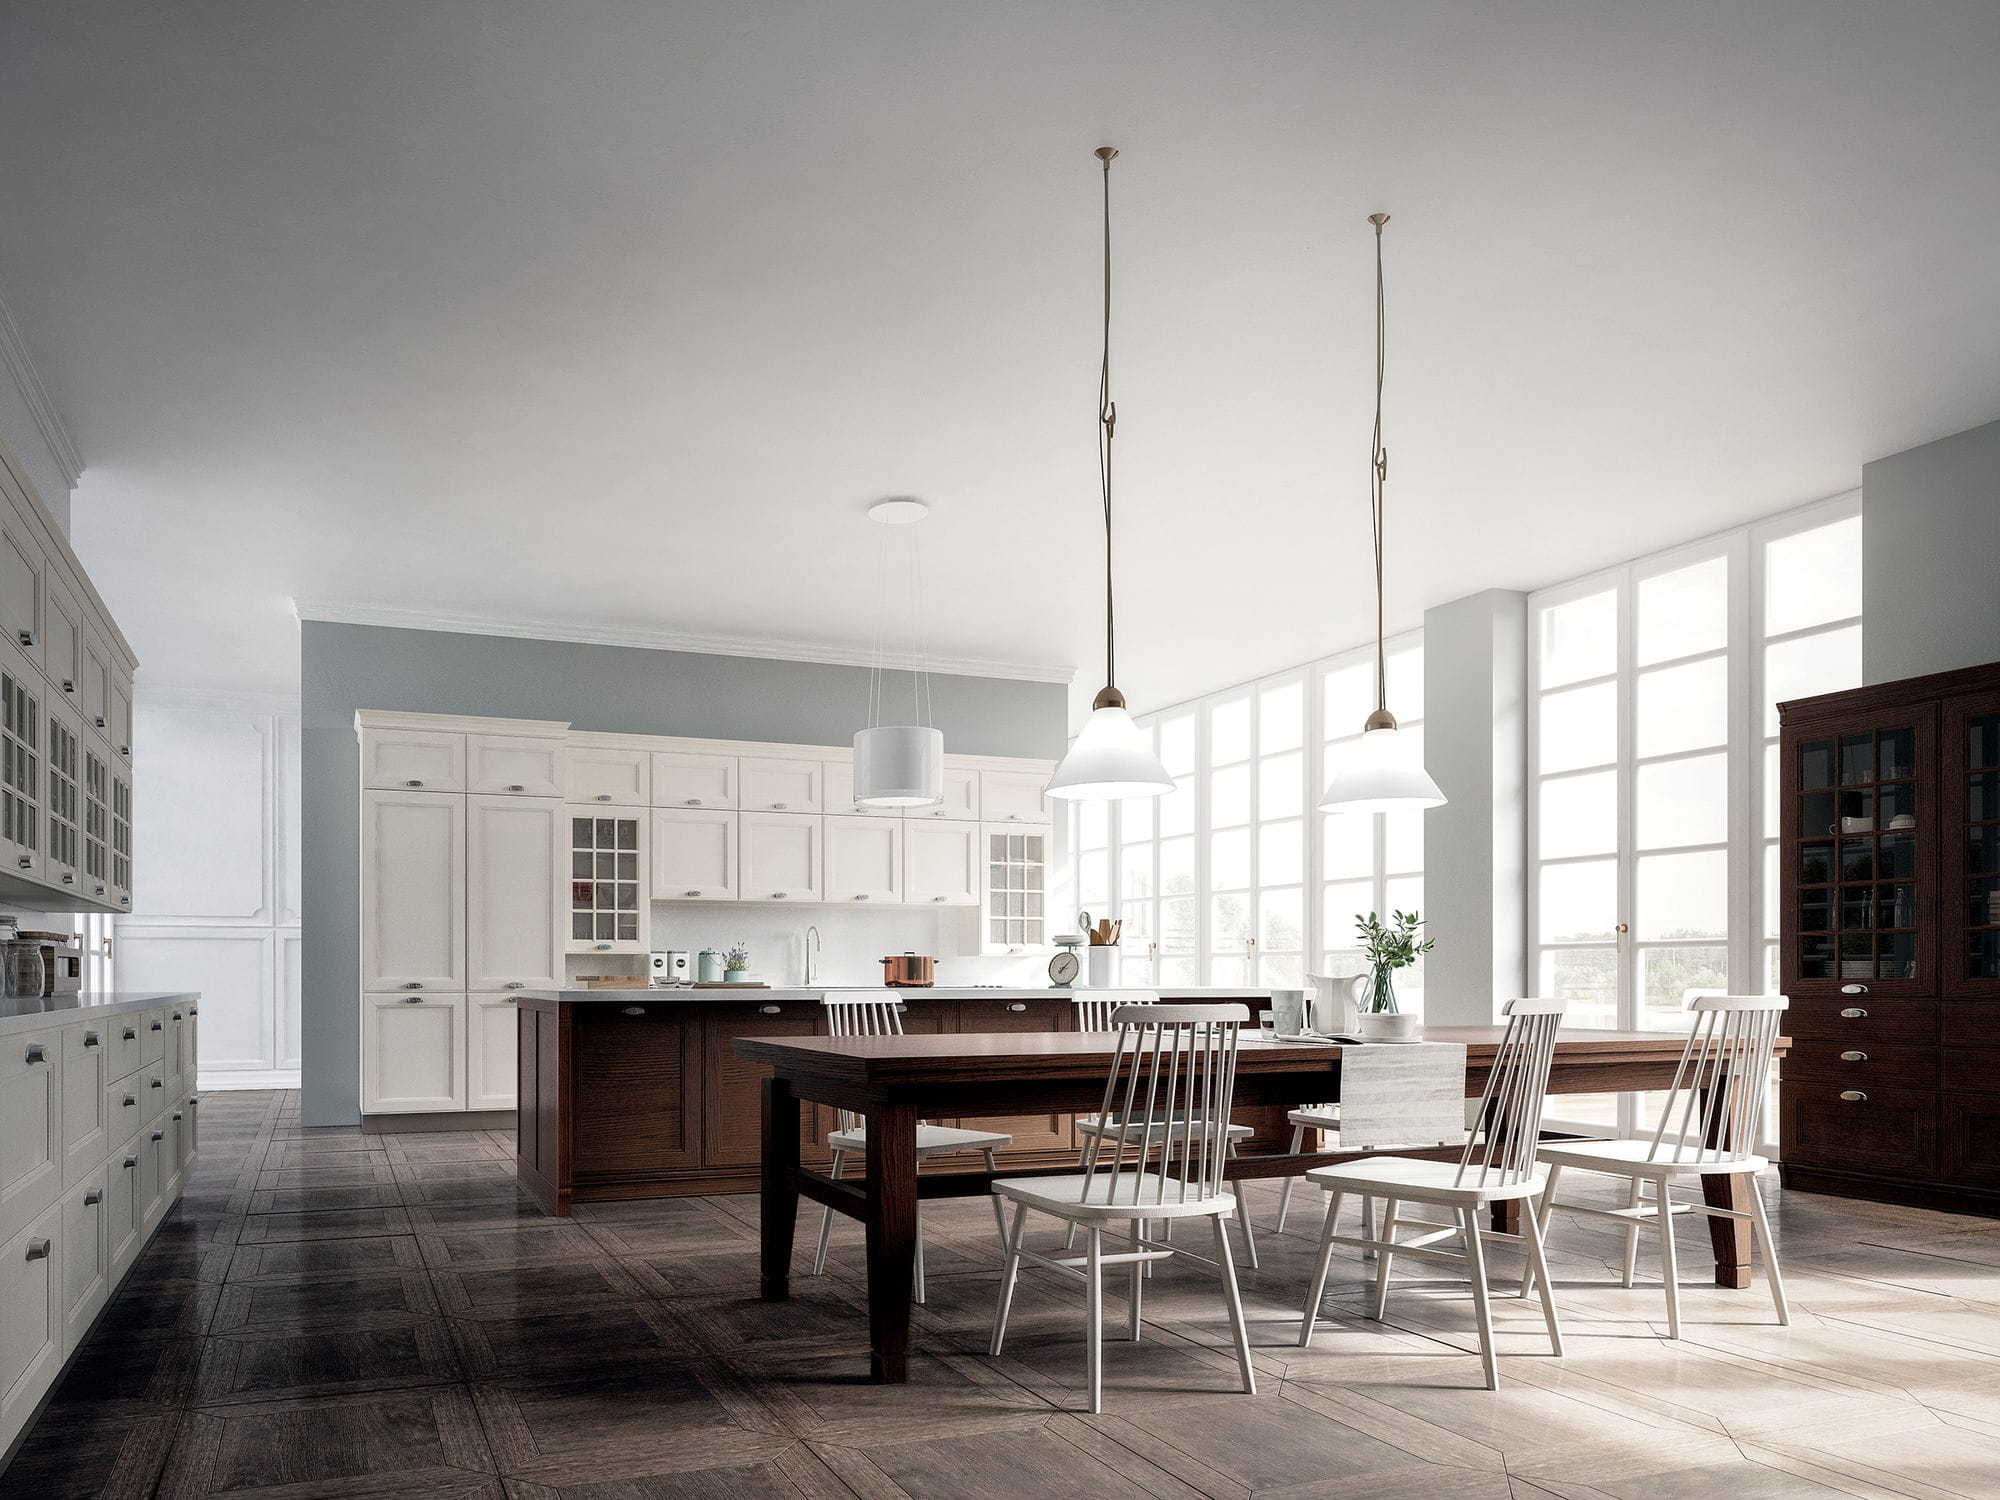 Mobili Cucina Legno Massiccio : Cucina classica in frassino in legno massiccio laccata